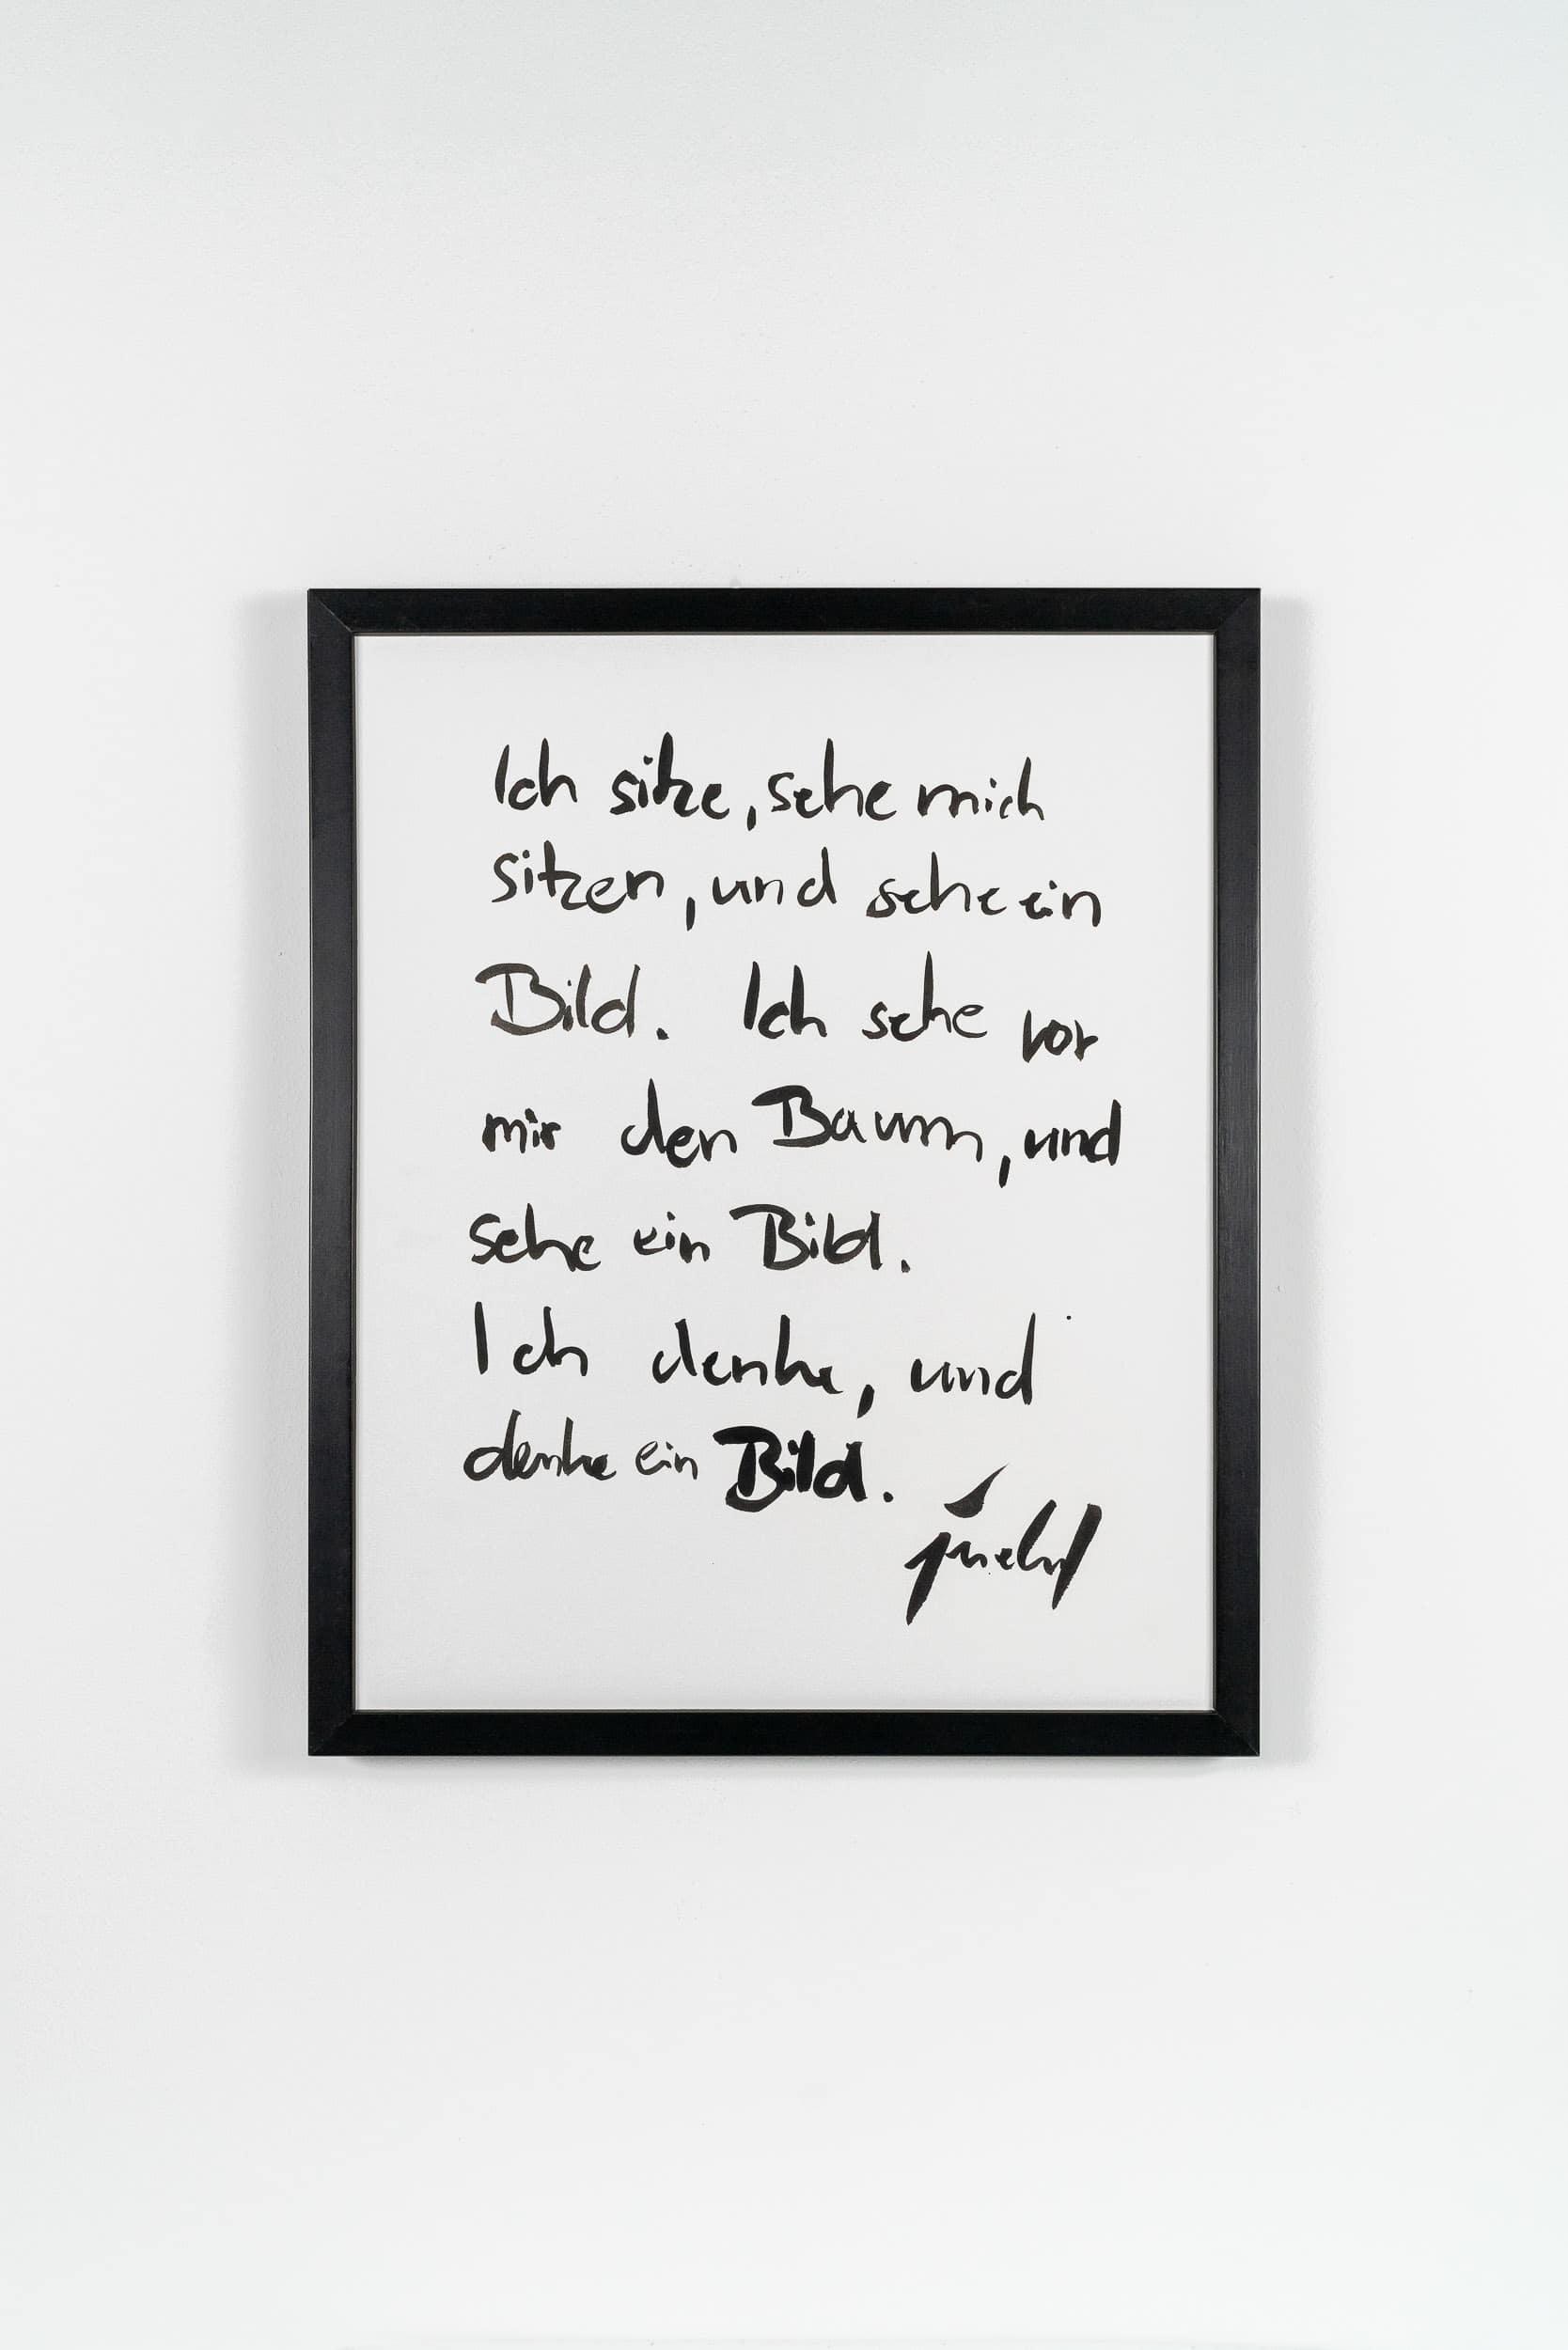 SiL03 Ich sehe ein Bild je 40 × 50 cm Tusche / Kohle / Papier / Scherenschnitt / Text 2013 3 Bilderbuch